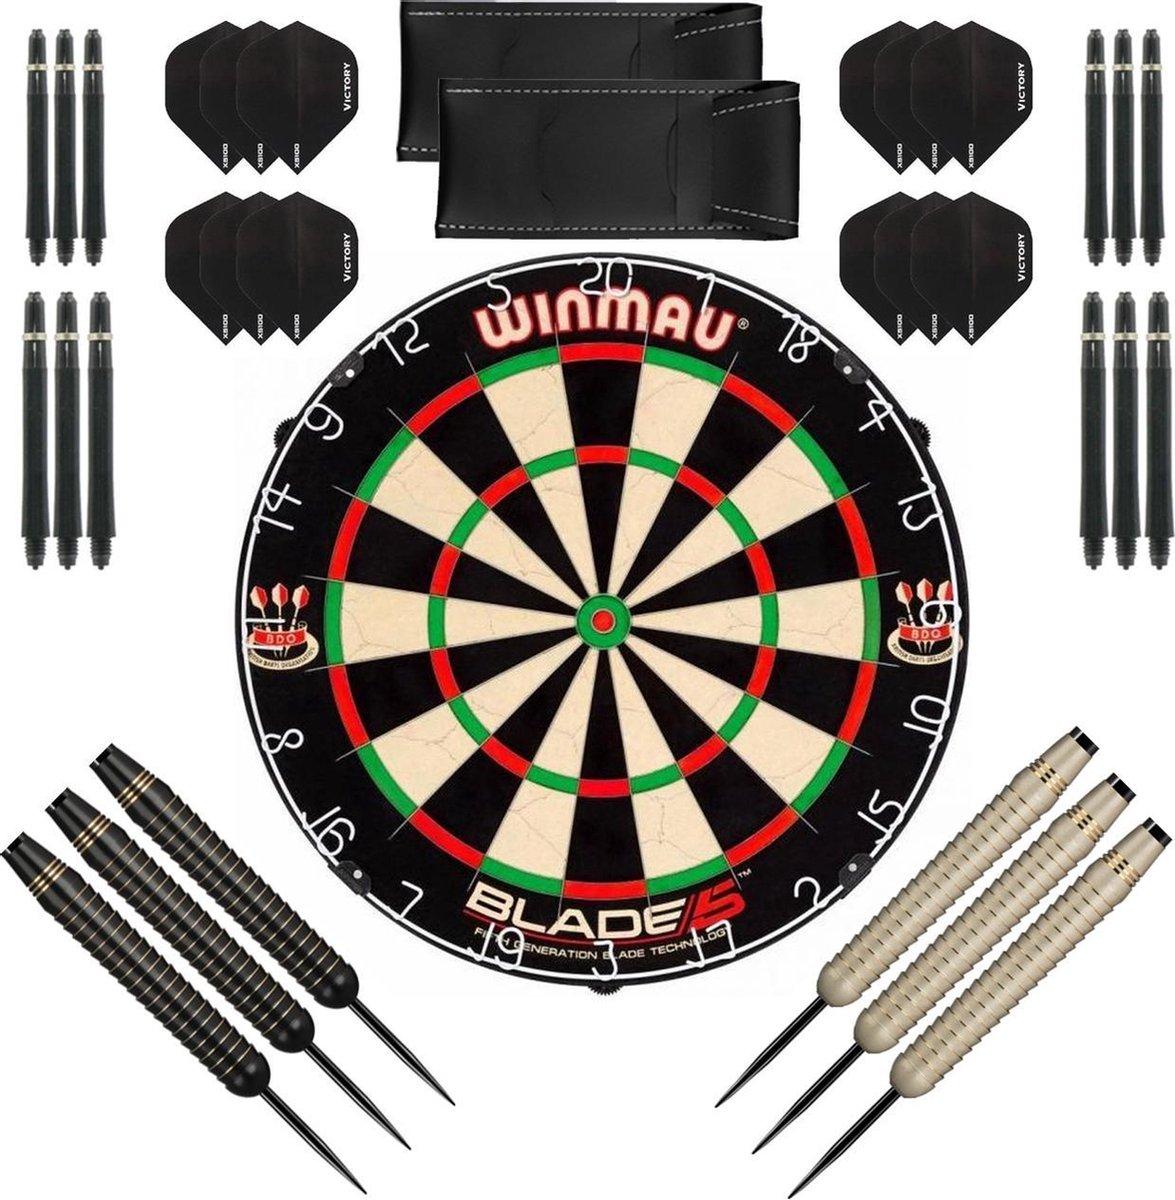 Dragon Darts complete Shark dartset - Winmau blade 5 - dartbord - dart shafts - dart flights - dartpijlen 24 gram - 100% brass - 2 sets - dartpijlen - zwart-wit